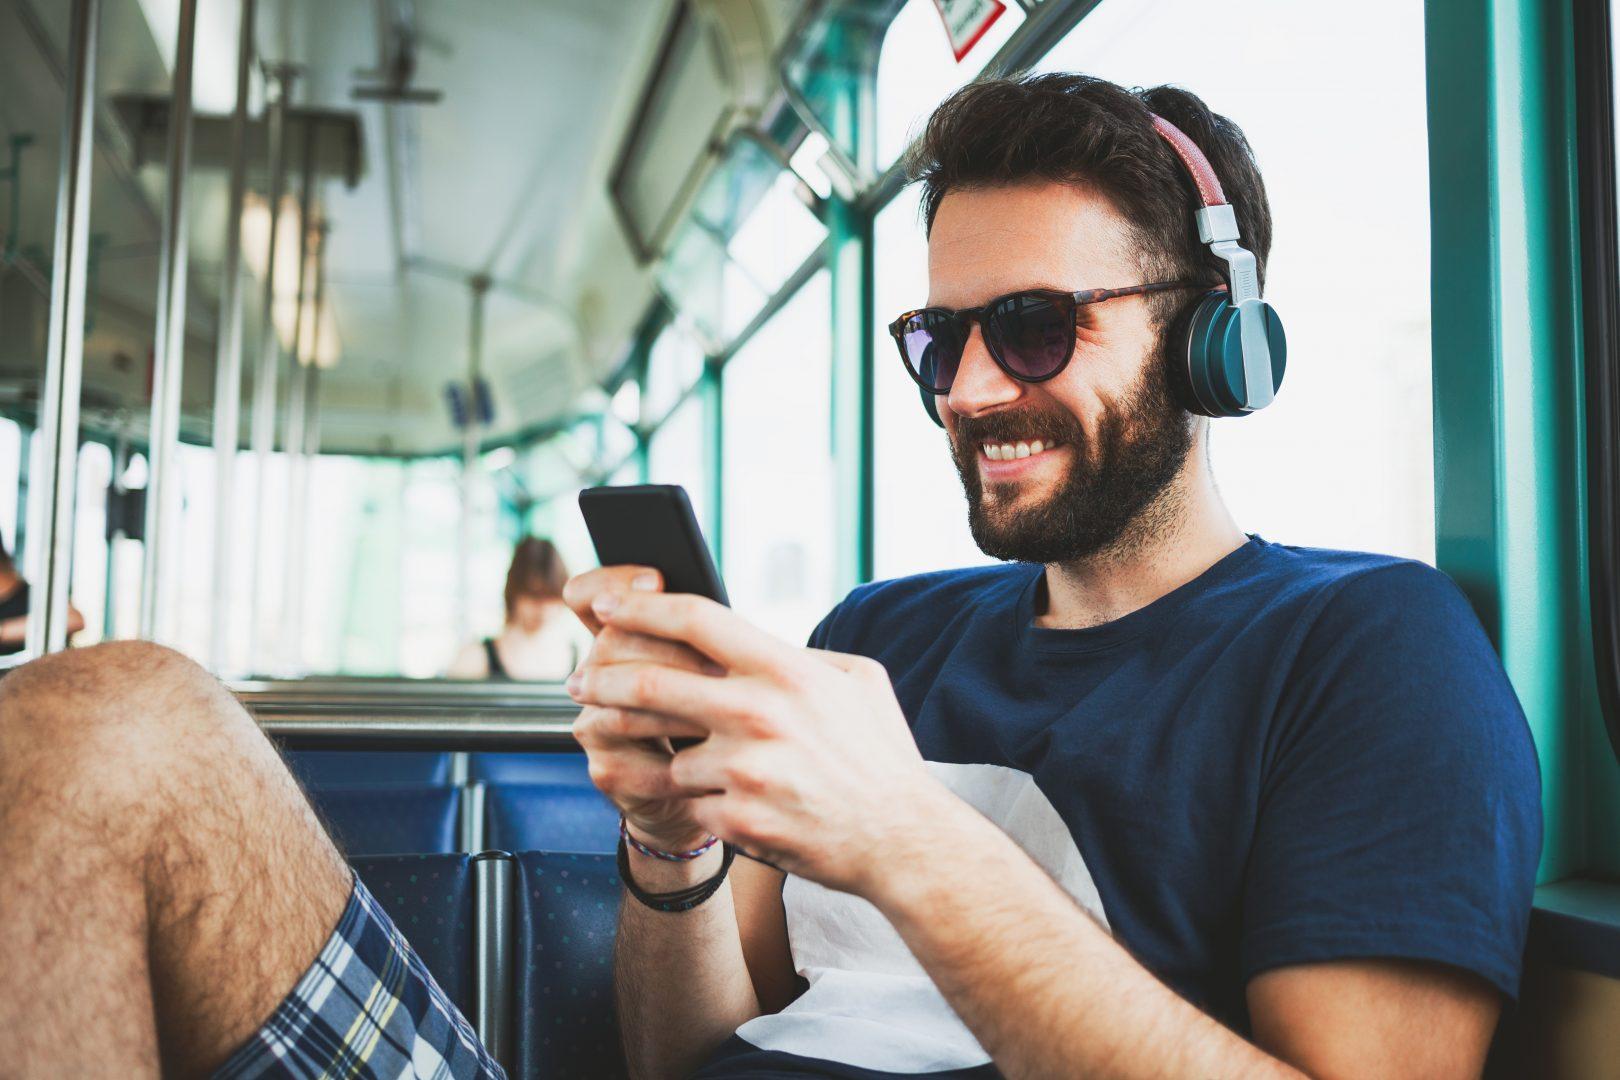 мобилна услуга ChitChat – как работи най-новата мобилна услуга от А1 А1 Блог